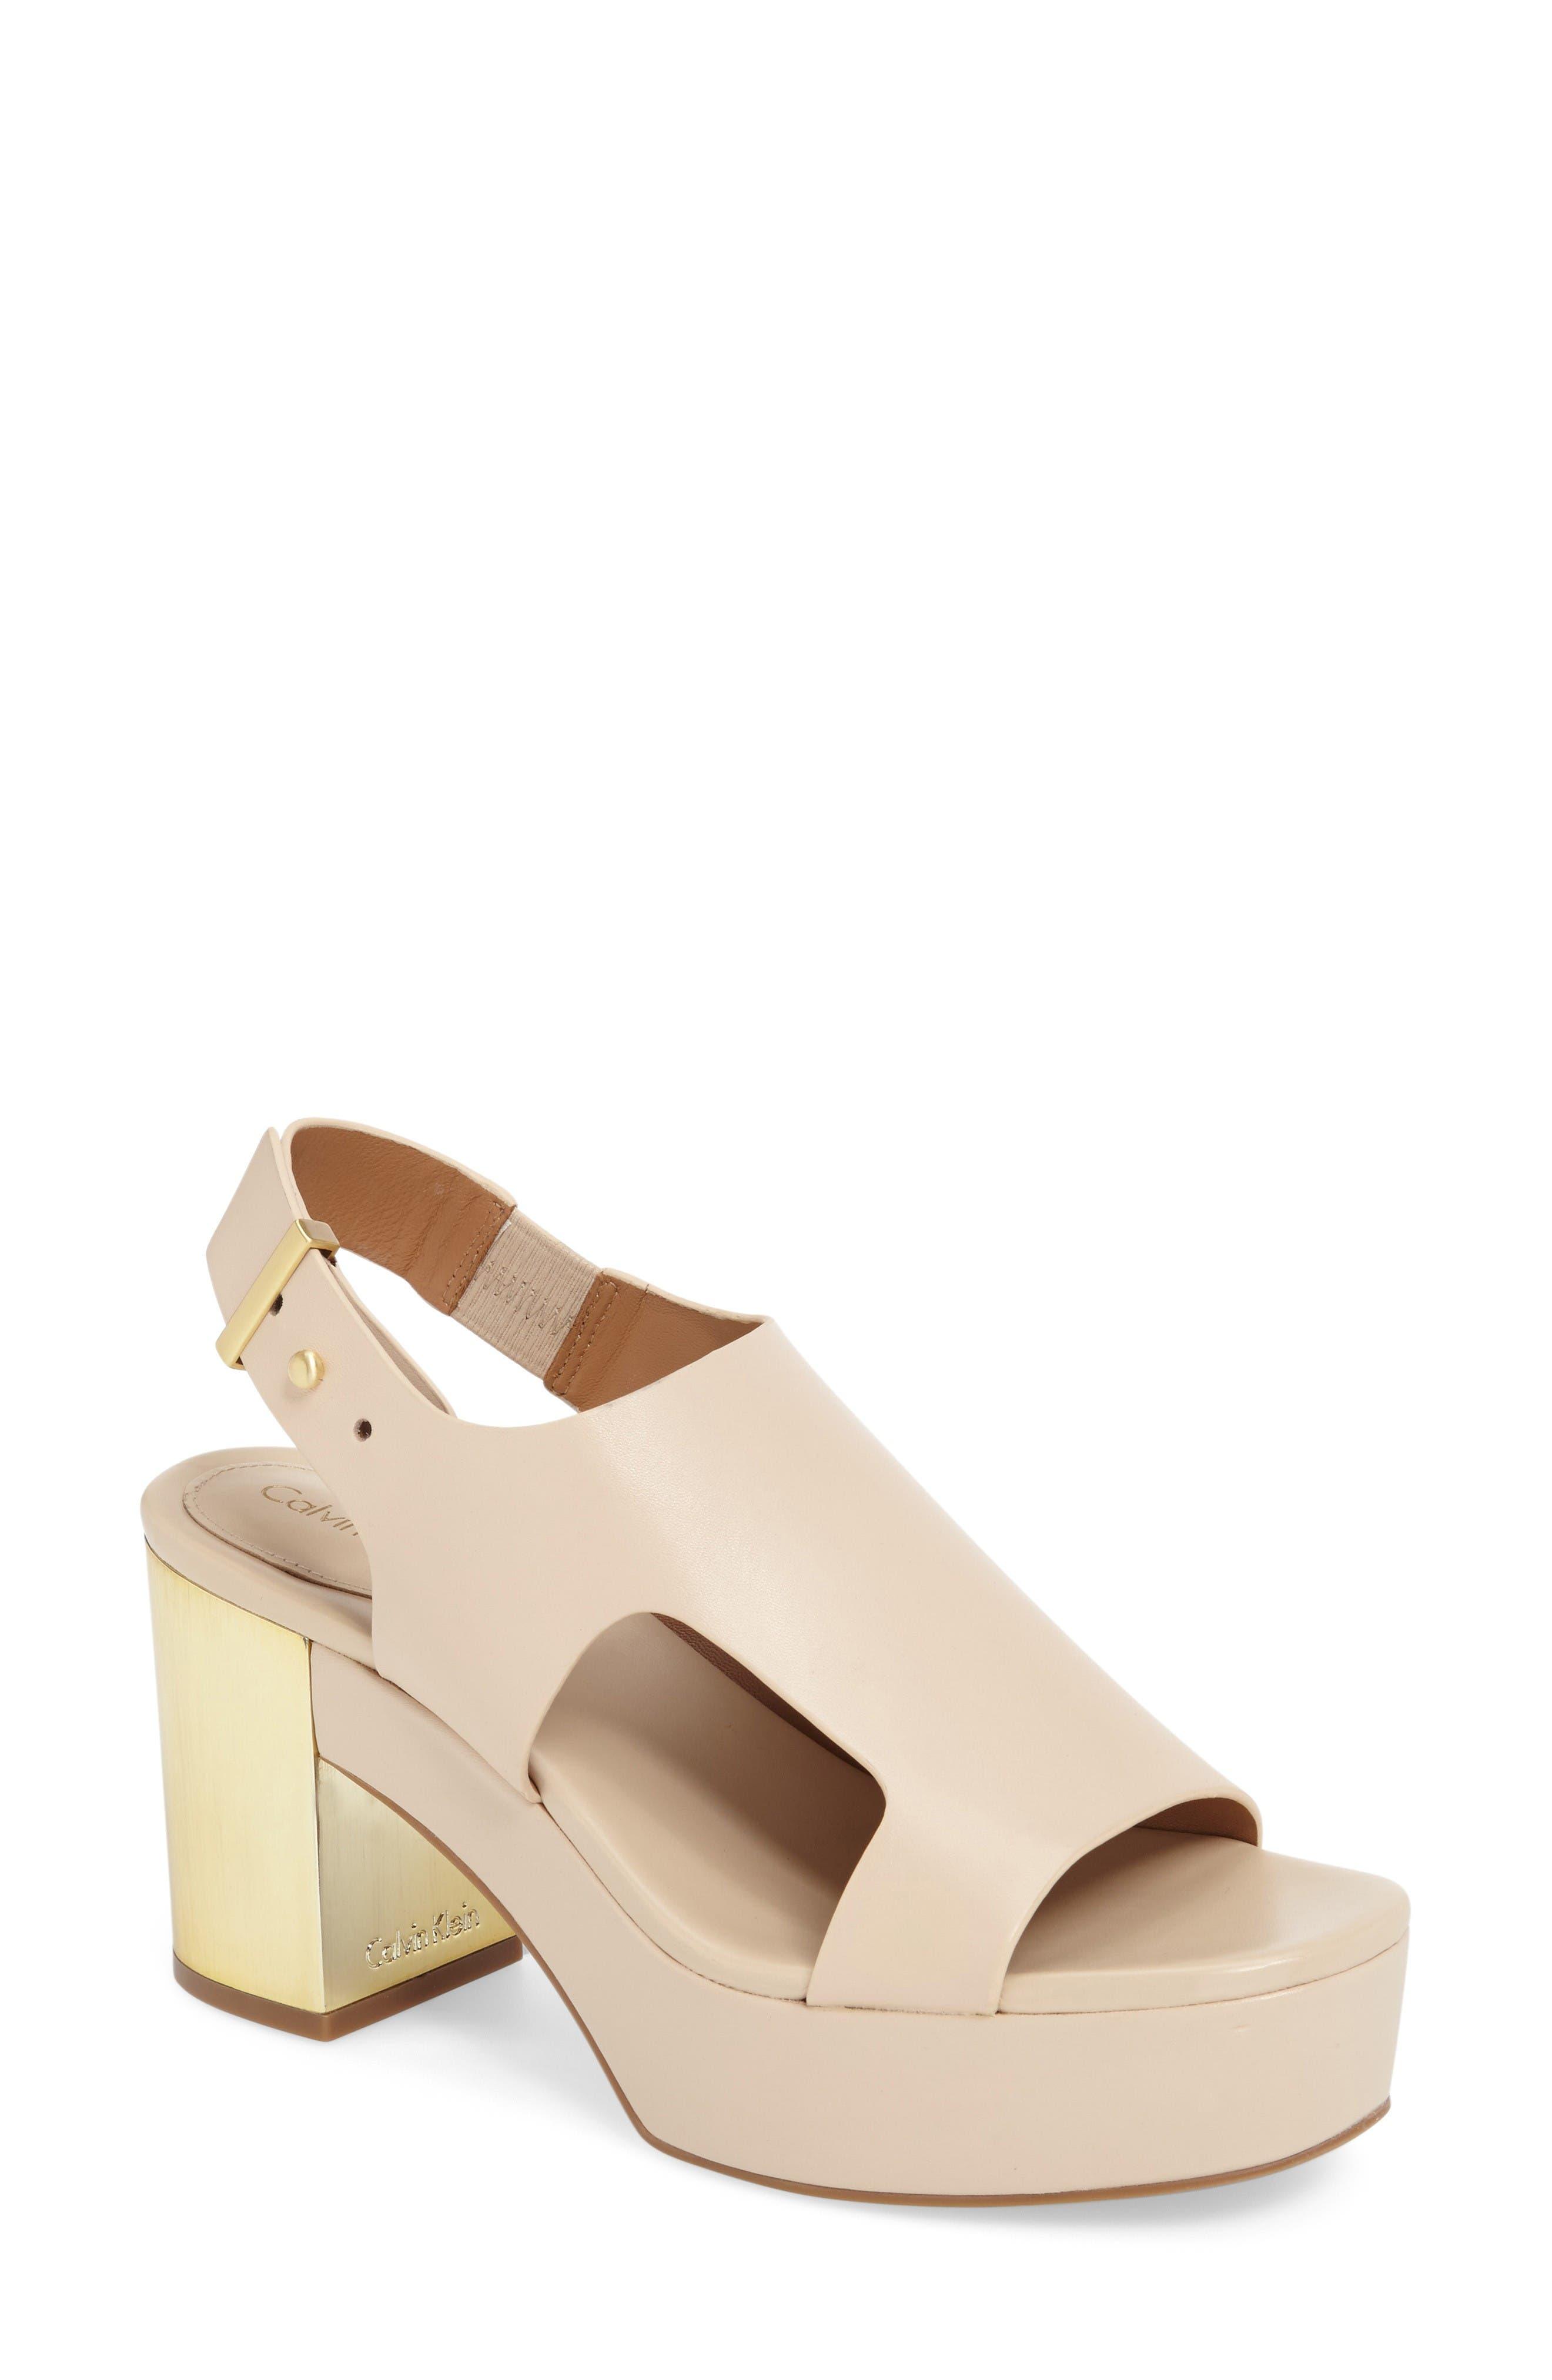 CALVIN KLEIN Iven Platform Sandal